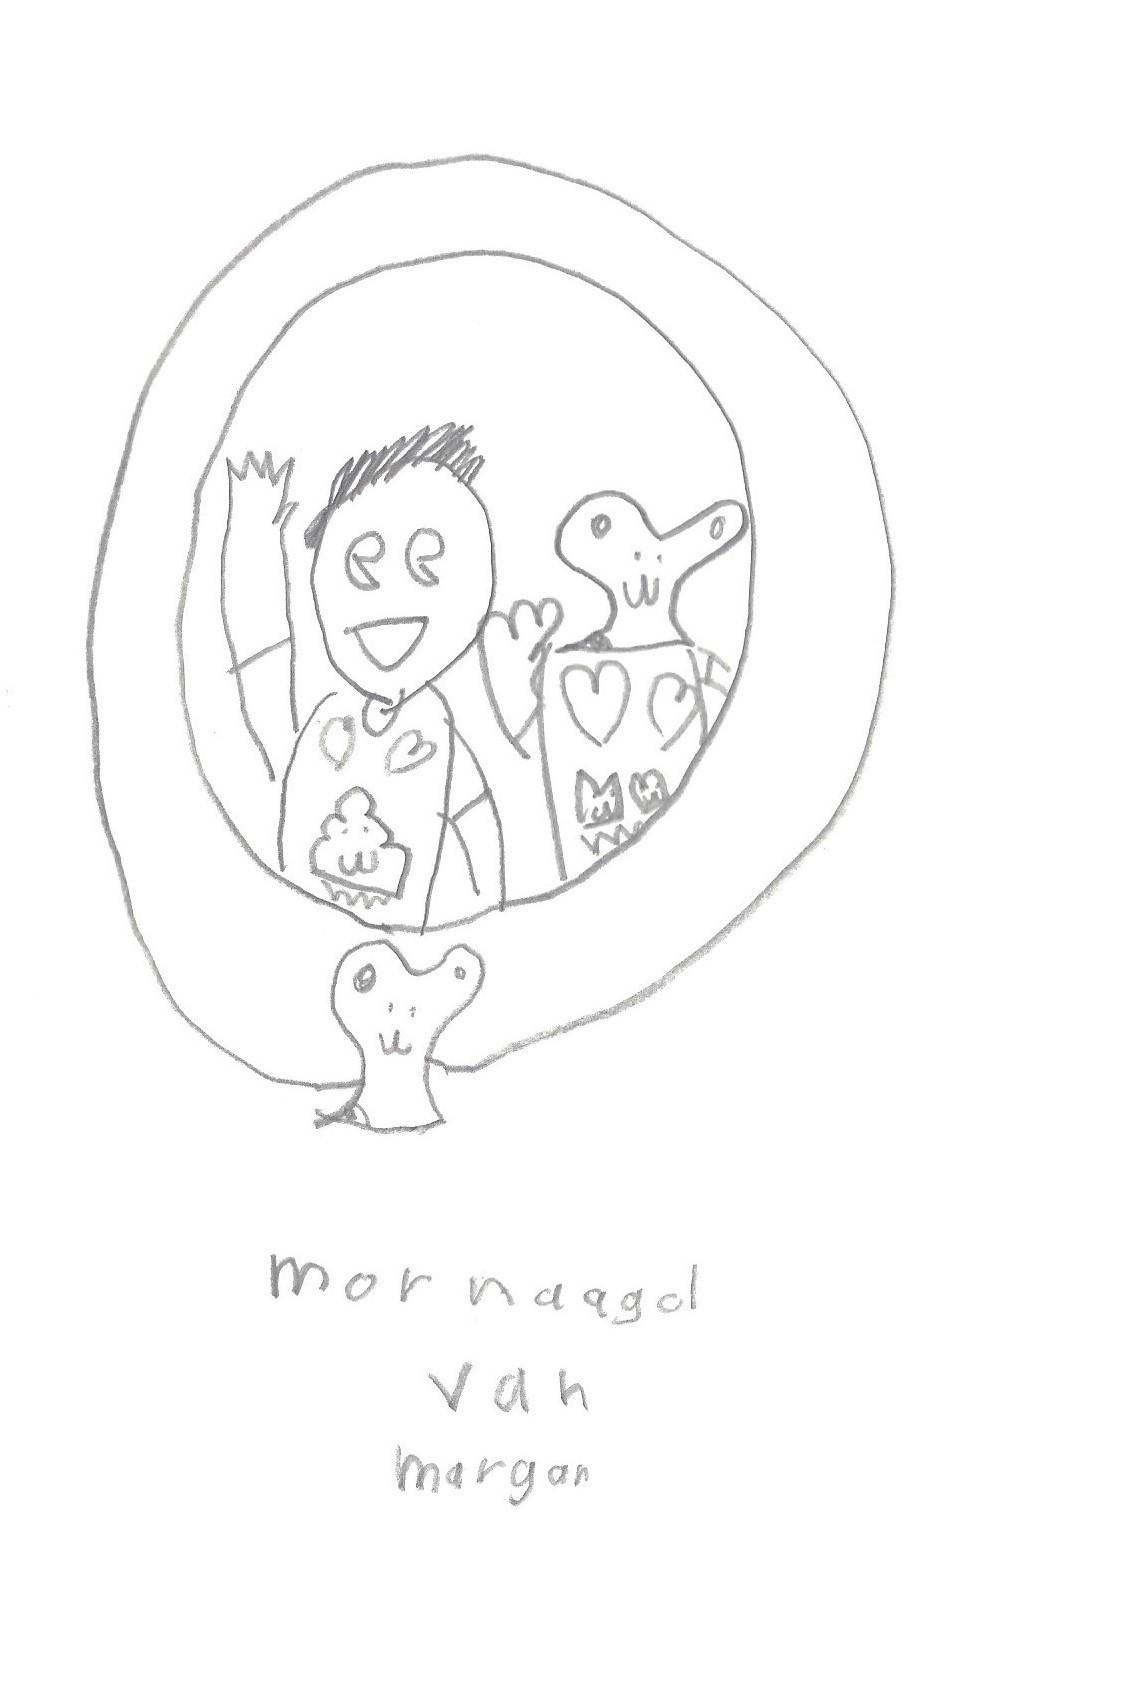 Poepnaagol 16 Mornaagol voorpagina